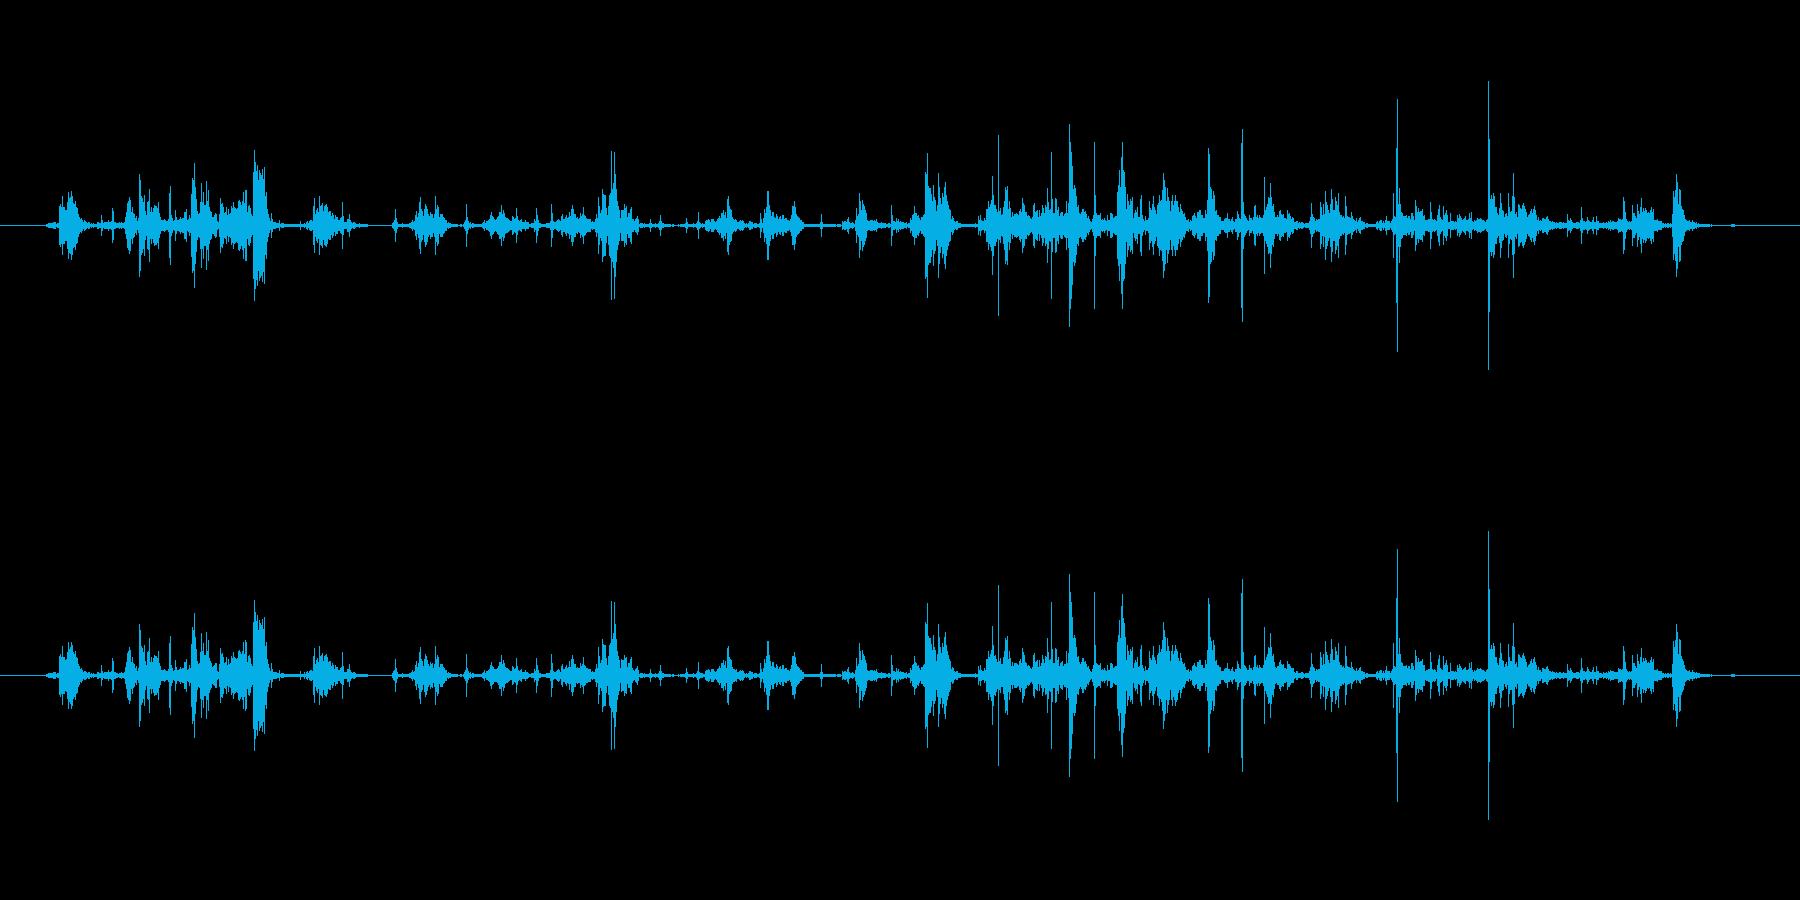 【本03-5(パラパラ)】の再生済みの波形